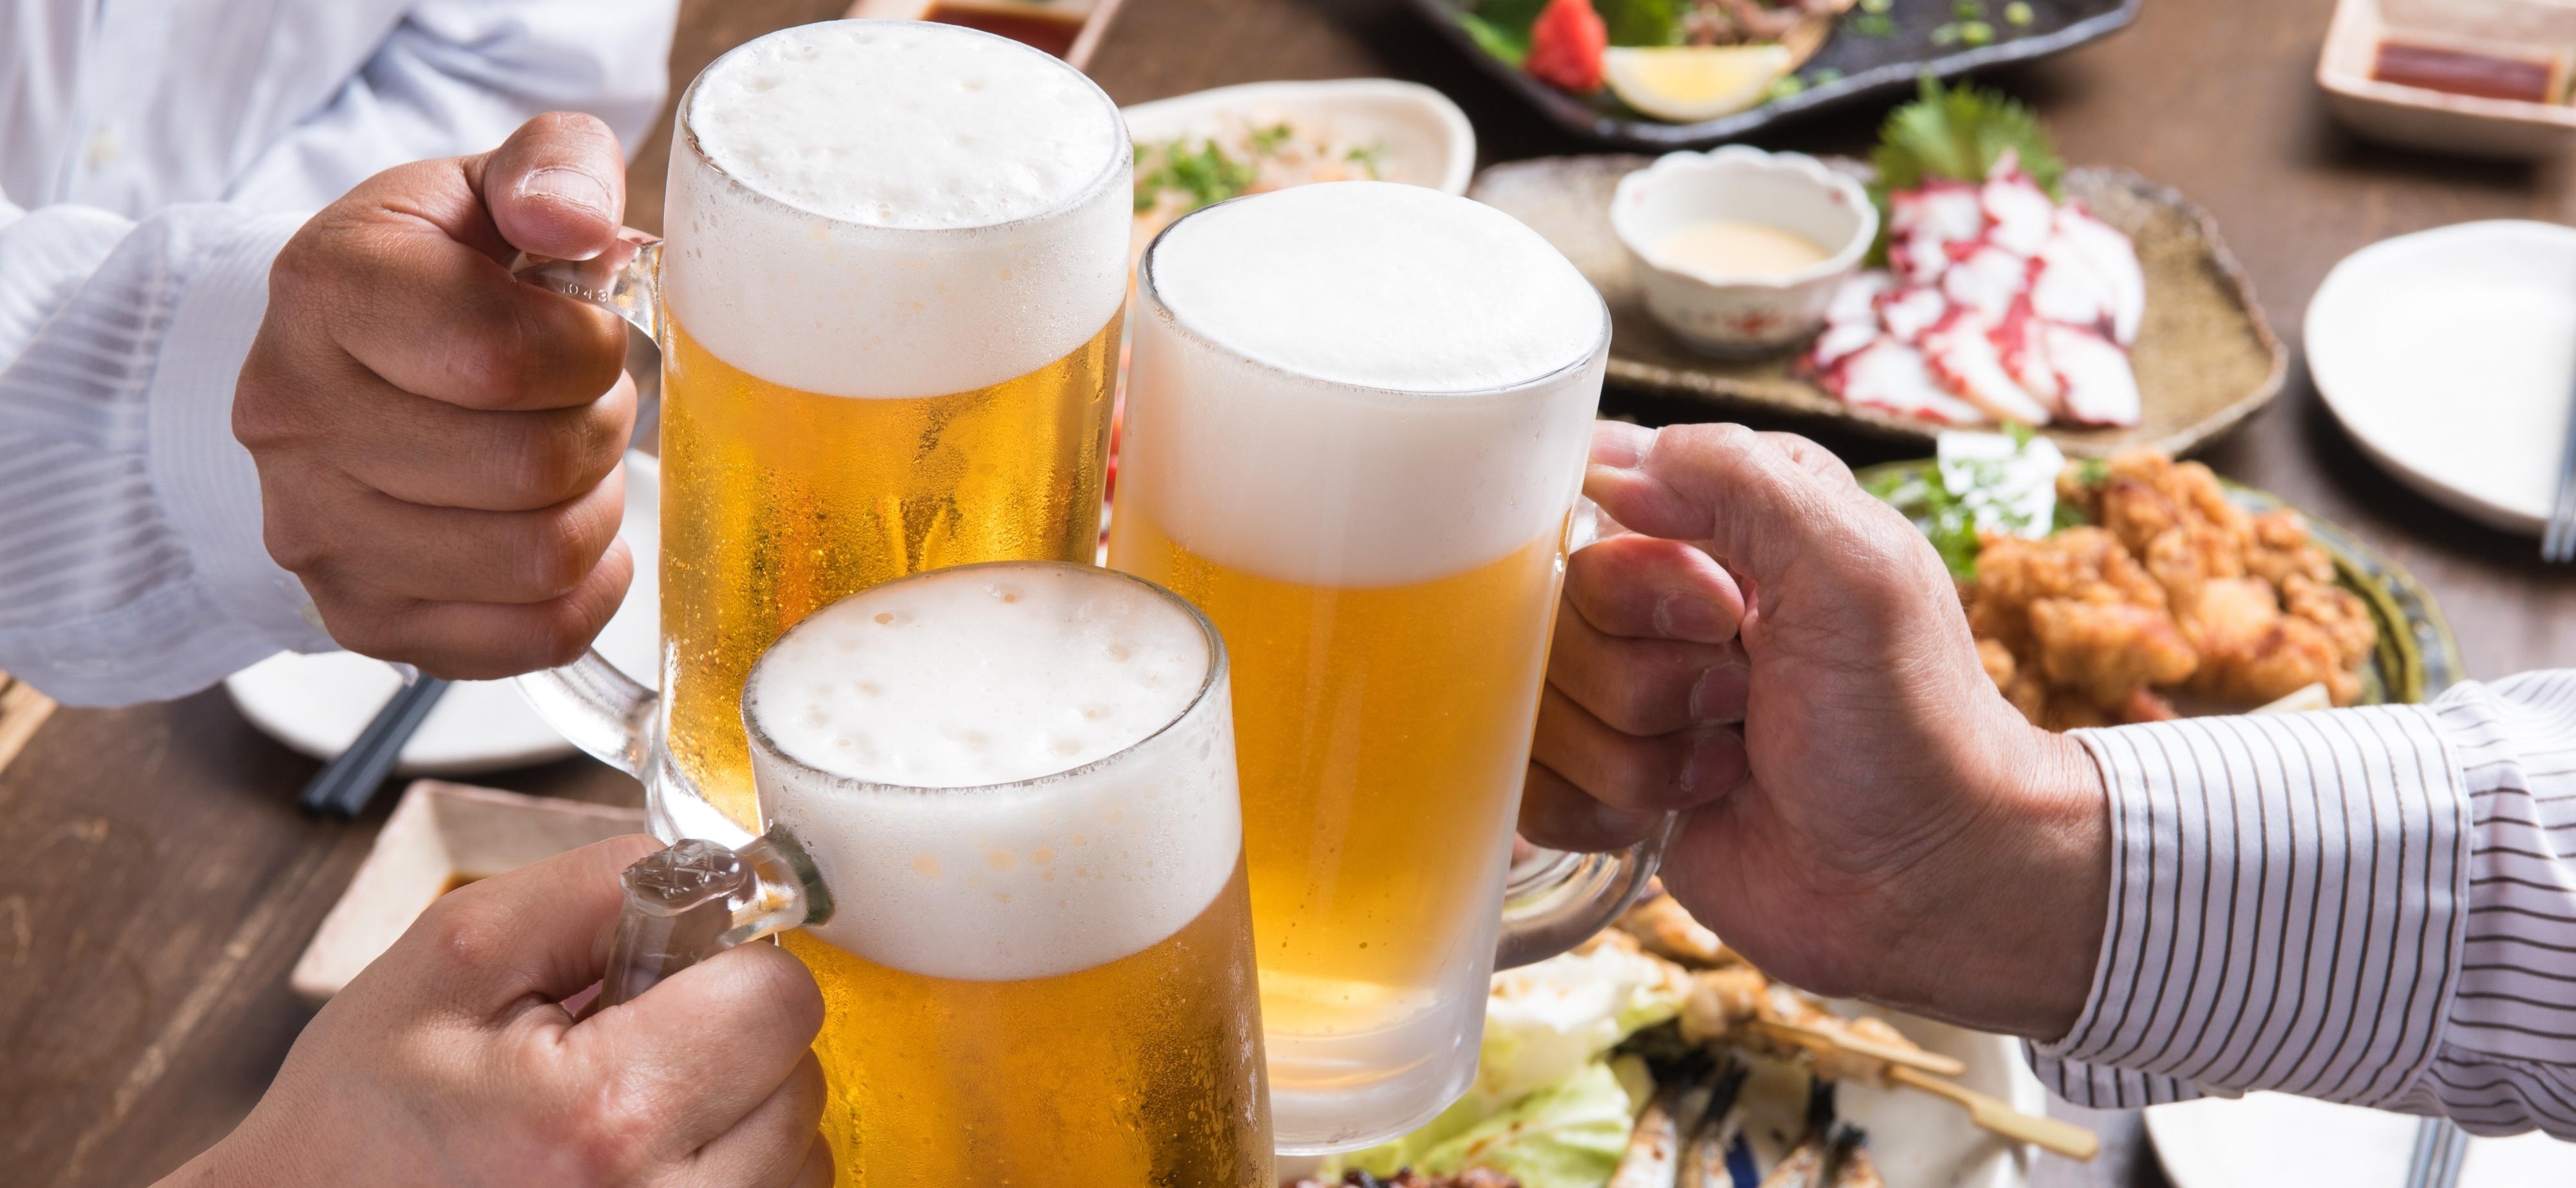 drinking_beer-Short.jpg